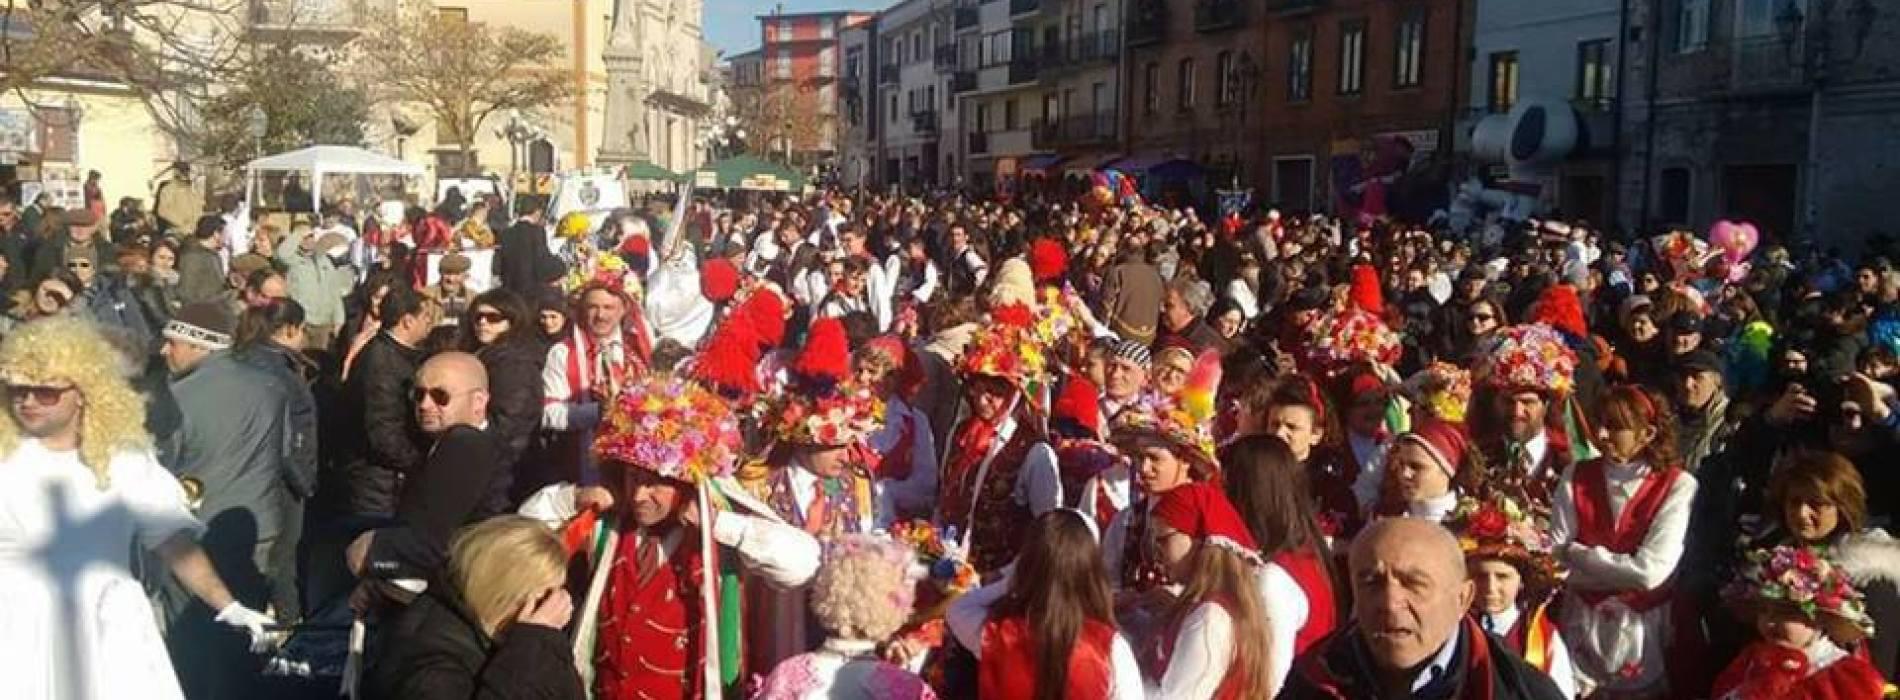 Gli ultimi giorni di Carnevale, la destinazione è Montemarano